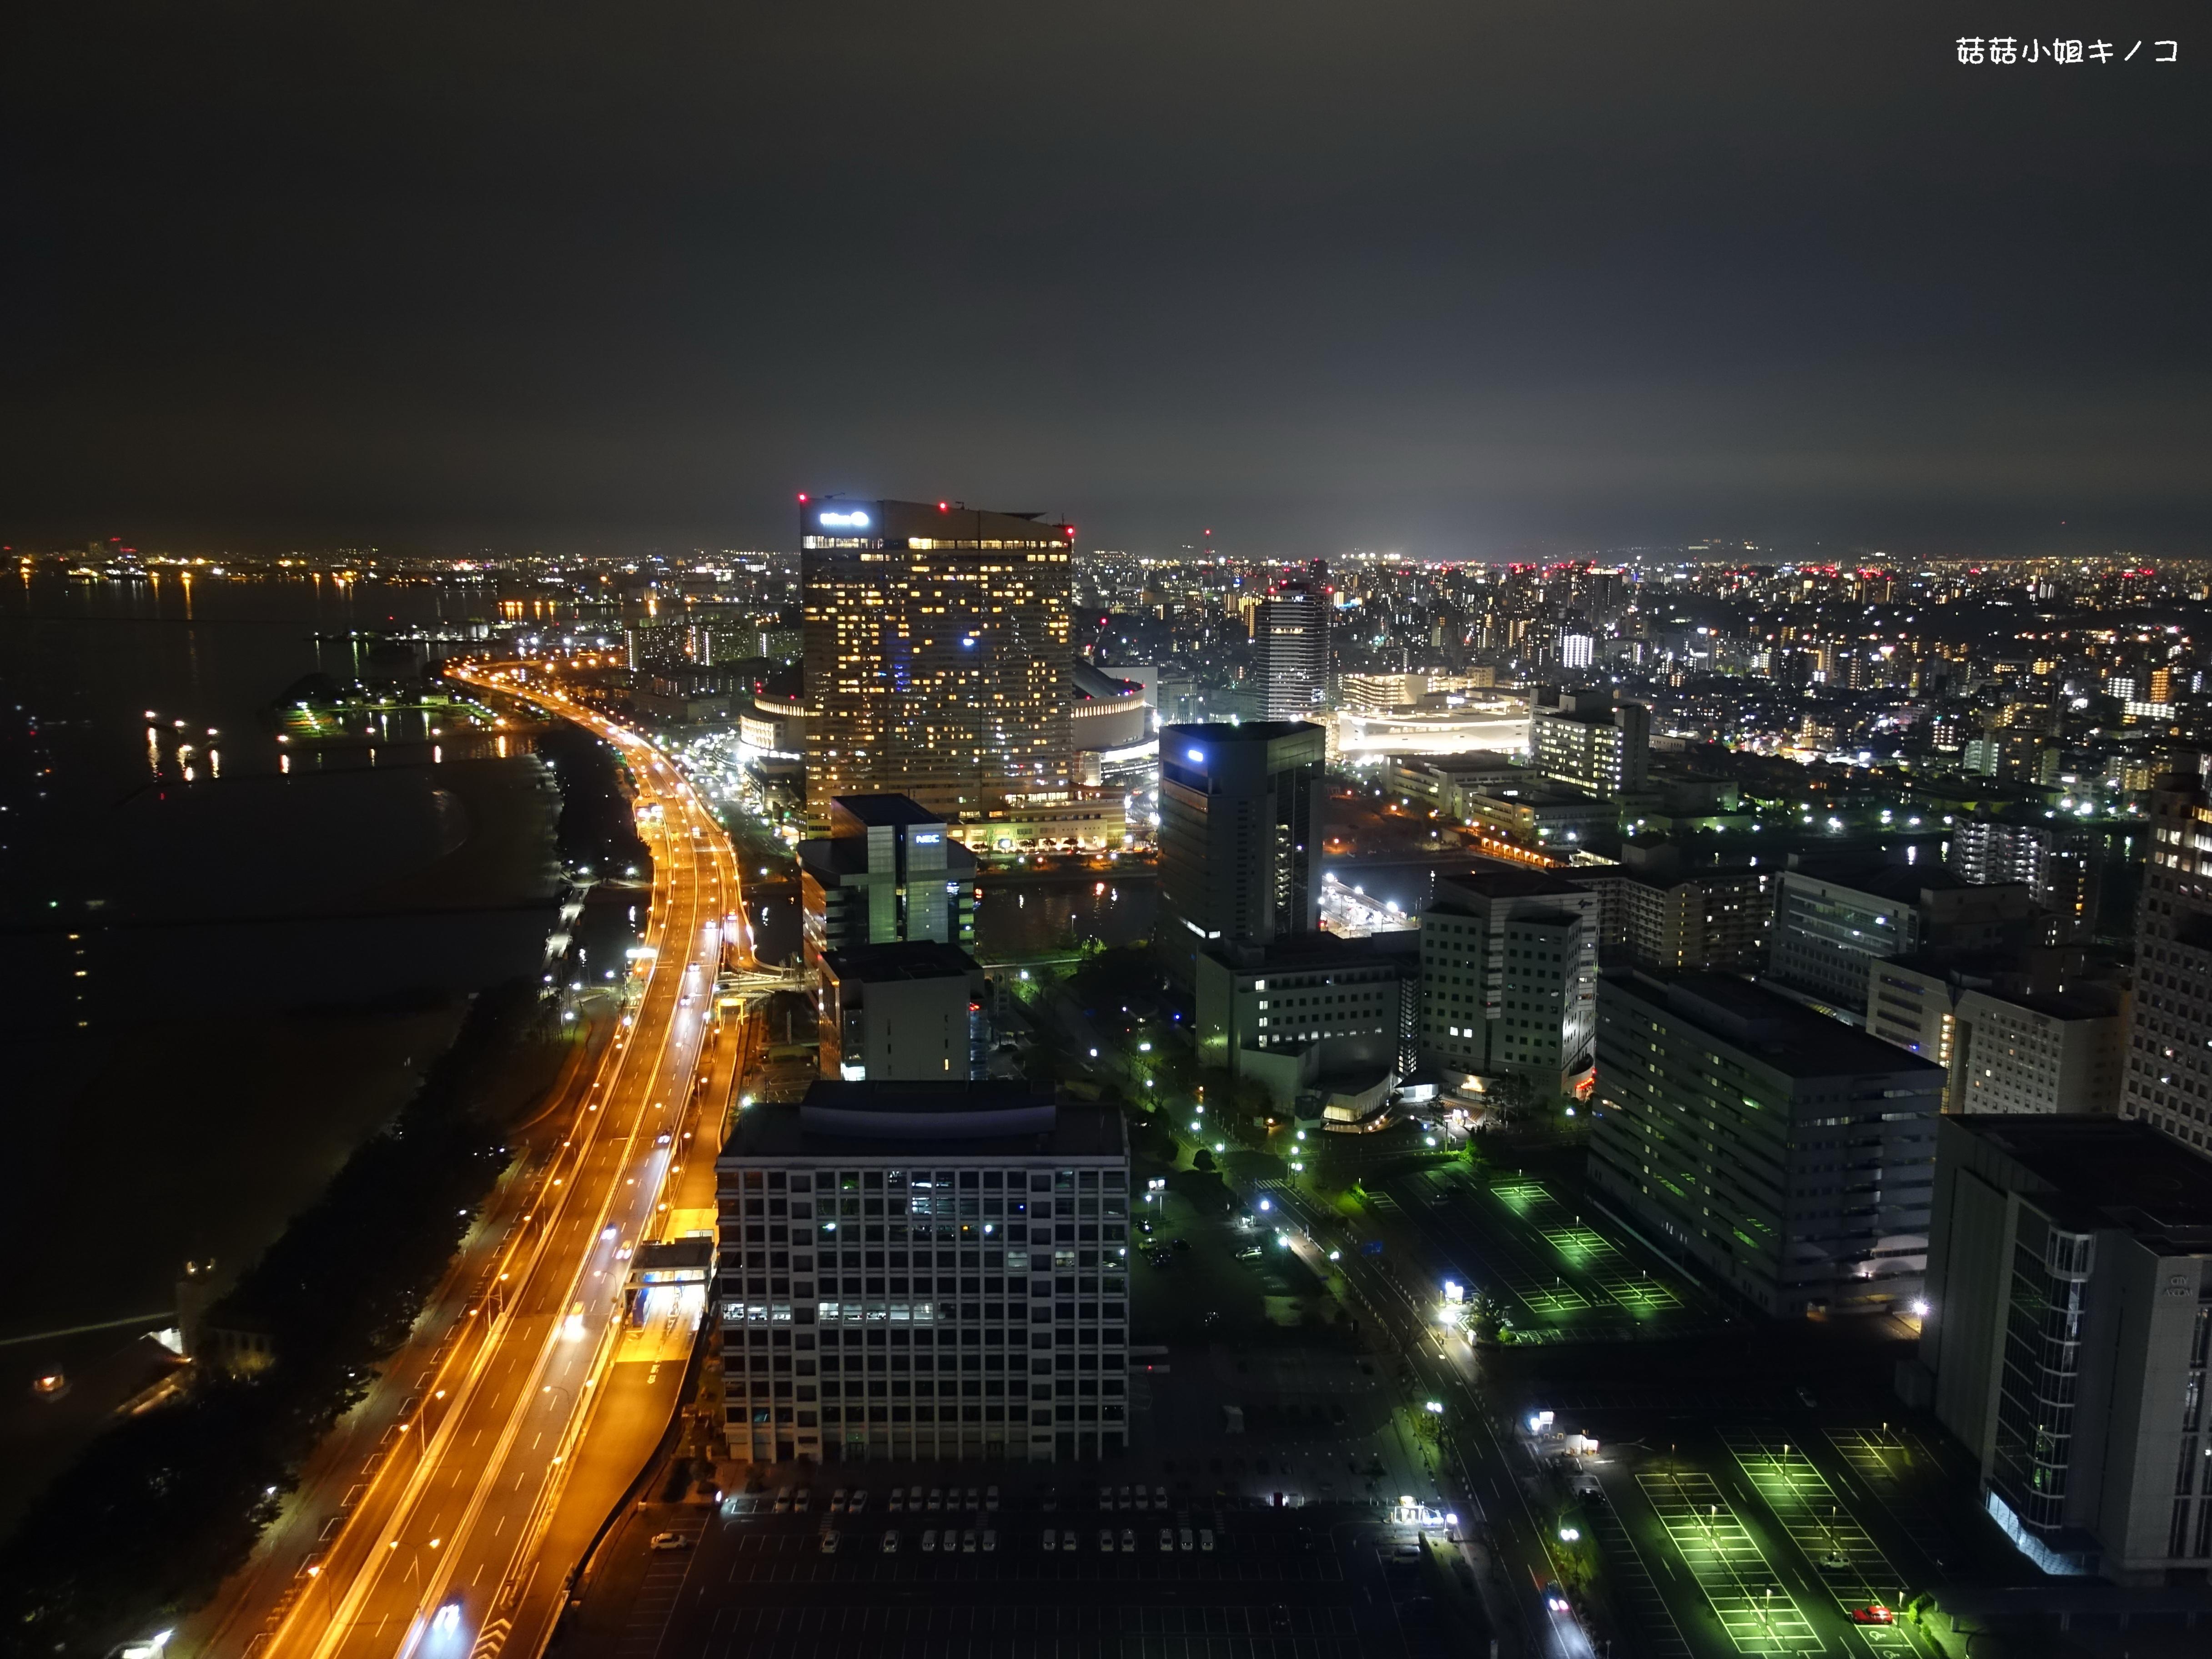 <玩。在福岡>可以同時眺望海景夜景也超好玩~福岡塔~(2019.11)